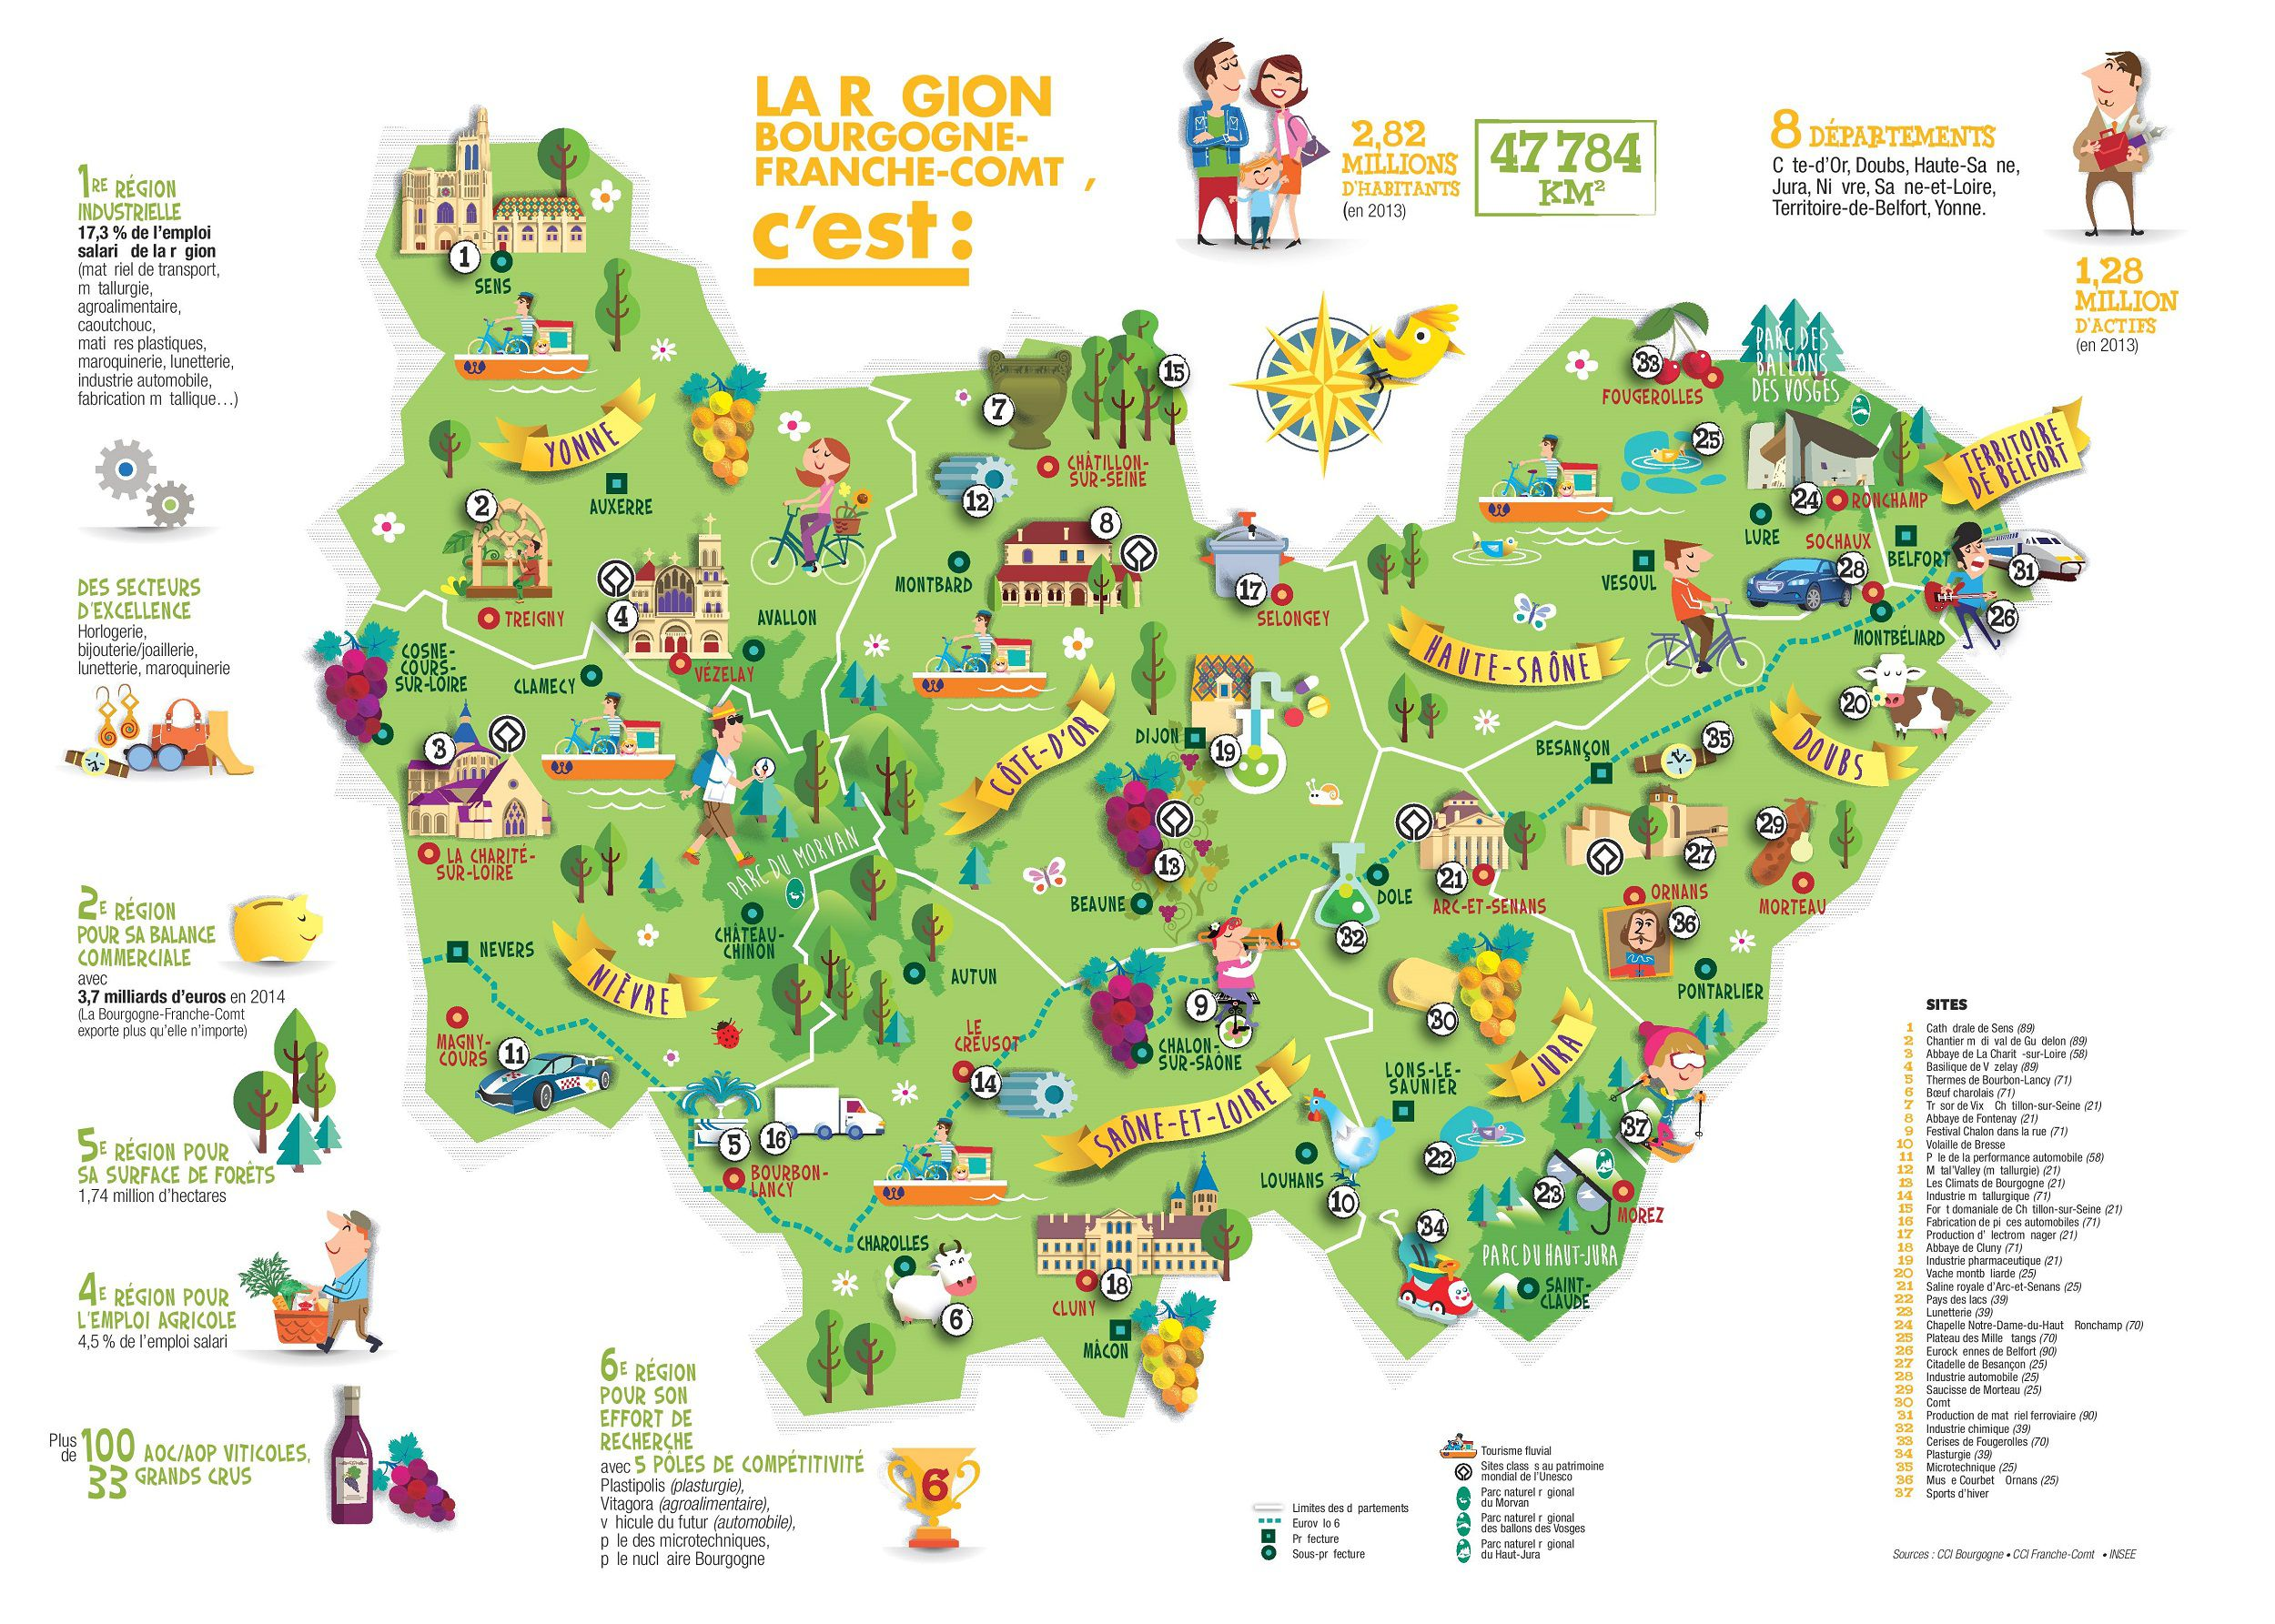 Carte de bourgogne franche comt bourgogne franche comt for Site touristique france